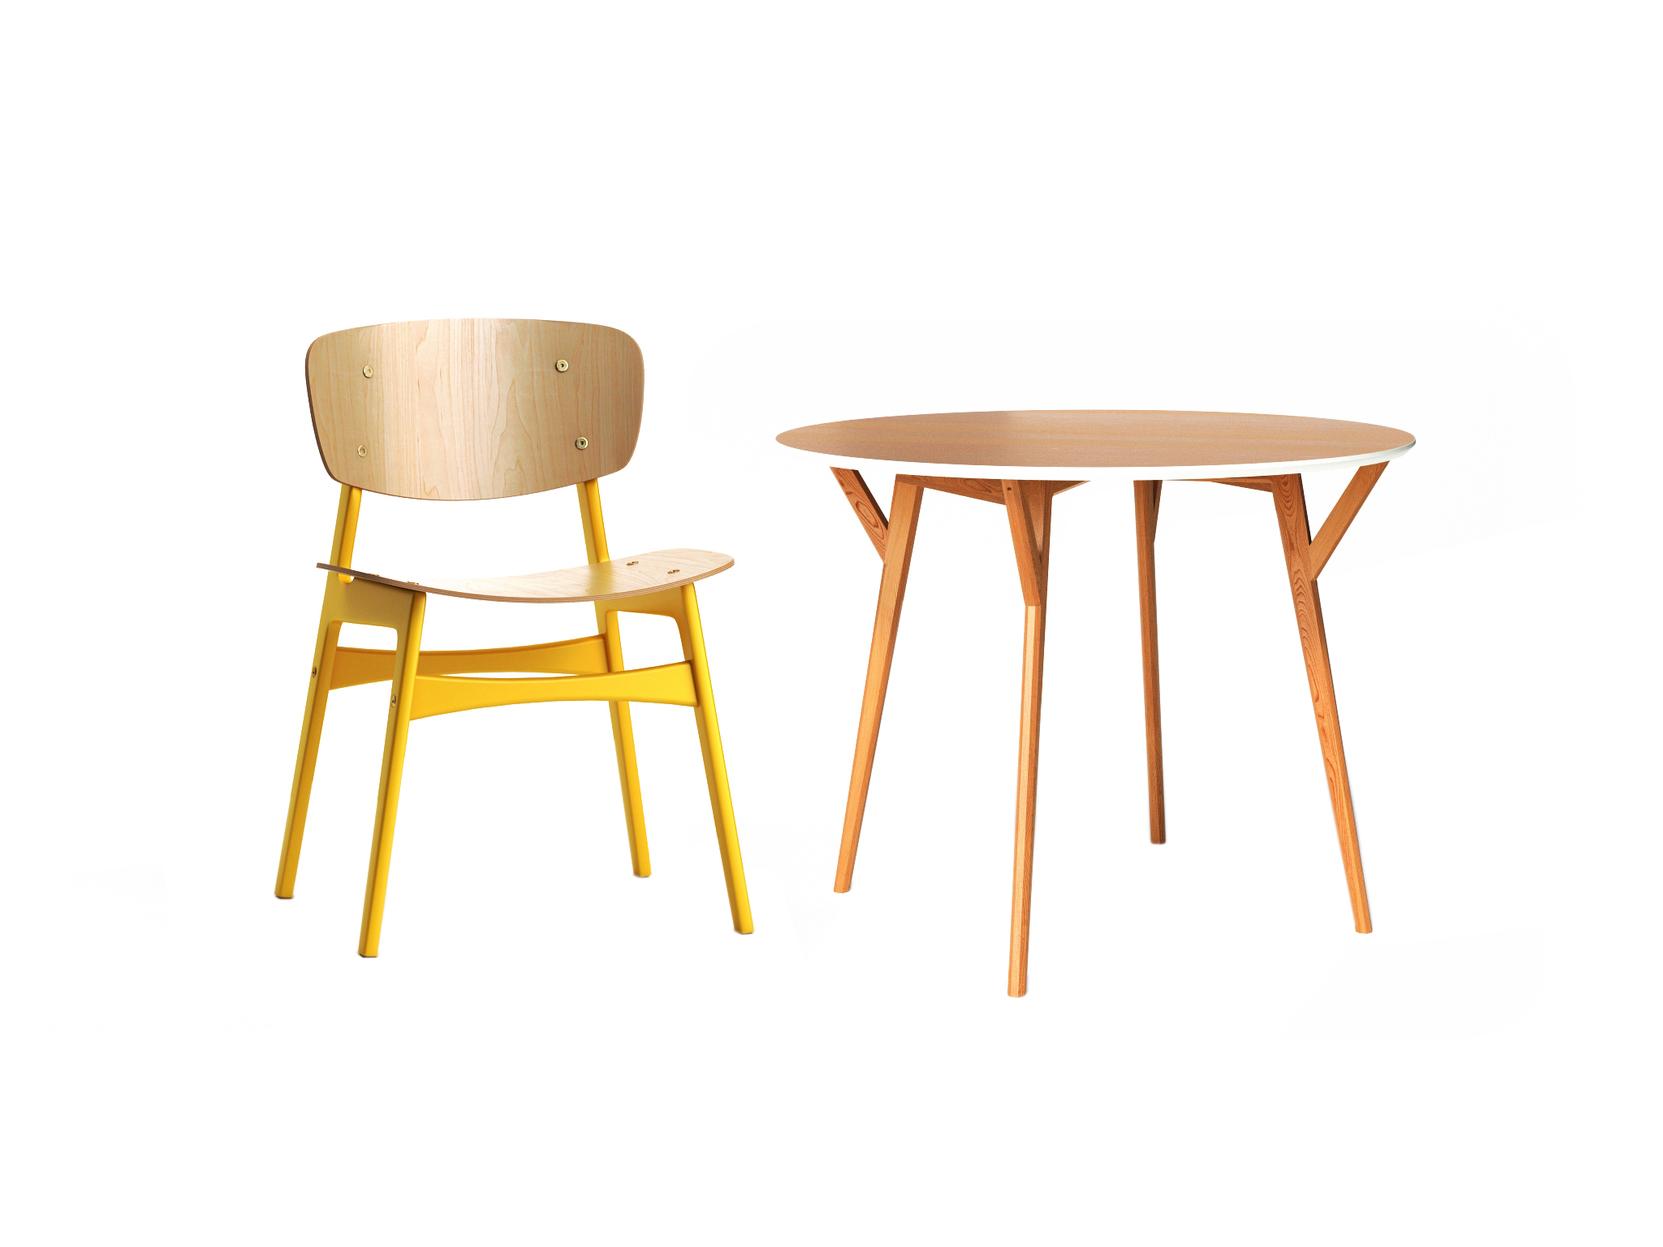 Обеденная группа Circle (стол + 4 стула)Комплекты для столовой<br>&amp;lt;div&amp;gt;&amp;lt;div&amp;gt;Этот круглый стол для современной уютной кухни имеет почти невесомую конструкцию. Между тем, он очень устойчивый и крепкий, а ножки из цельной древесины дополнительно усилены распорками. Столешница изготовлена из шпонированного ДСП и окрашена в цвет светлого дуба, а с торца украшена фаской оттенка слоновой кости. Оригинально &amp;quot;скроенный&amp;quot; обеденный стул SID &amp;amp;nbsp;не оставит равнодушной ни одну кухню в скандинавском стиле. Спинка и сидение слегка изогнуты, что обеспечит полный комфорт во время трапезы.&amp;amp;nbsp;&amp;lt;/div&amp;gt;&amp;lt;div&amp;gt;&amp;lt;br&amp;gt;&amp;lt;/div&amp;gt;&amp;lt;div&amp;gt;Размеры стола :75/102 см.&amp;lt;/div&amp;gt;&amp;lt;div&amp;gt;Материал стола: Массив дуба, натуральный шпон дуба, МДФ, эмаль, лак&amp;lt;/div&amp;gt;&amp;lt;div&amp;gt;Размеры стула:54/78/46 см.&amp;lt;/div&amp;gt;&amp;lt;div&amp;gt;Материал сидения: Сиденье – Фанера, каркас - фанера, отделка – эмаль, лак.&amp;lt;/div&amp;gt;&amp;lt;/div&amp;gt;<br><br>Material: Дуб<br>Высота см: 75